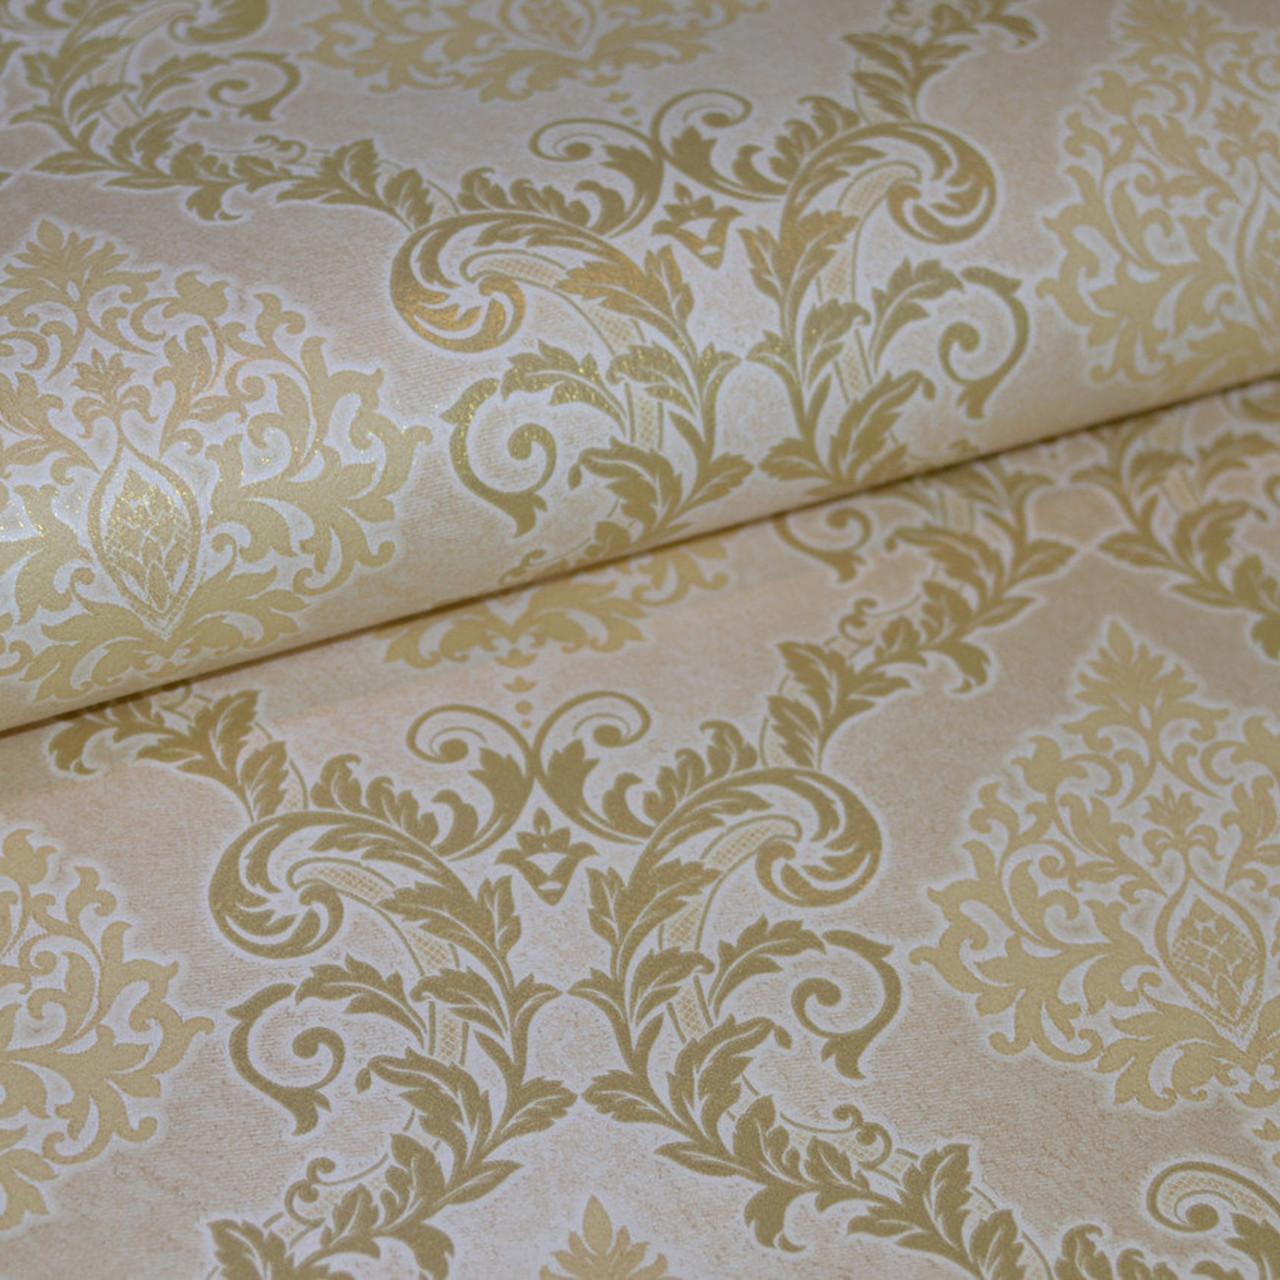 Обои, на стену, бумажные, дворцовый стиль, светлые, крупный рисунок, B27,4 Ария 6534-05, 0,53*10м